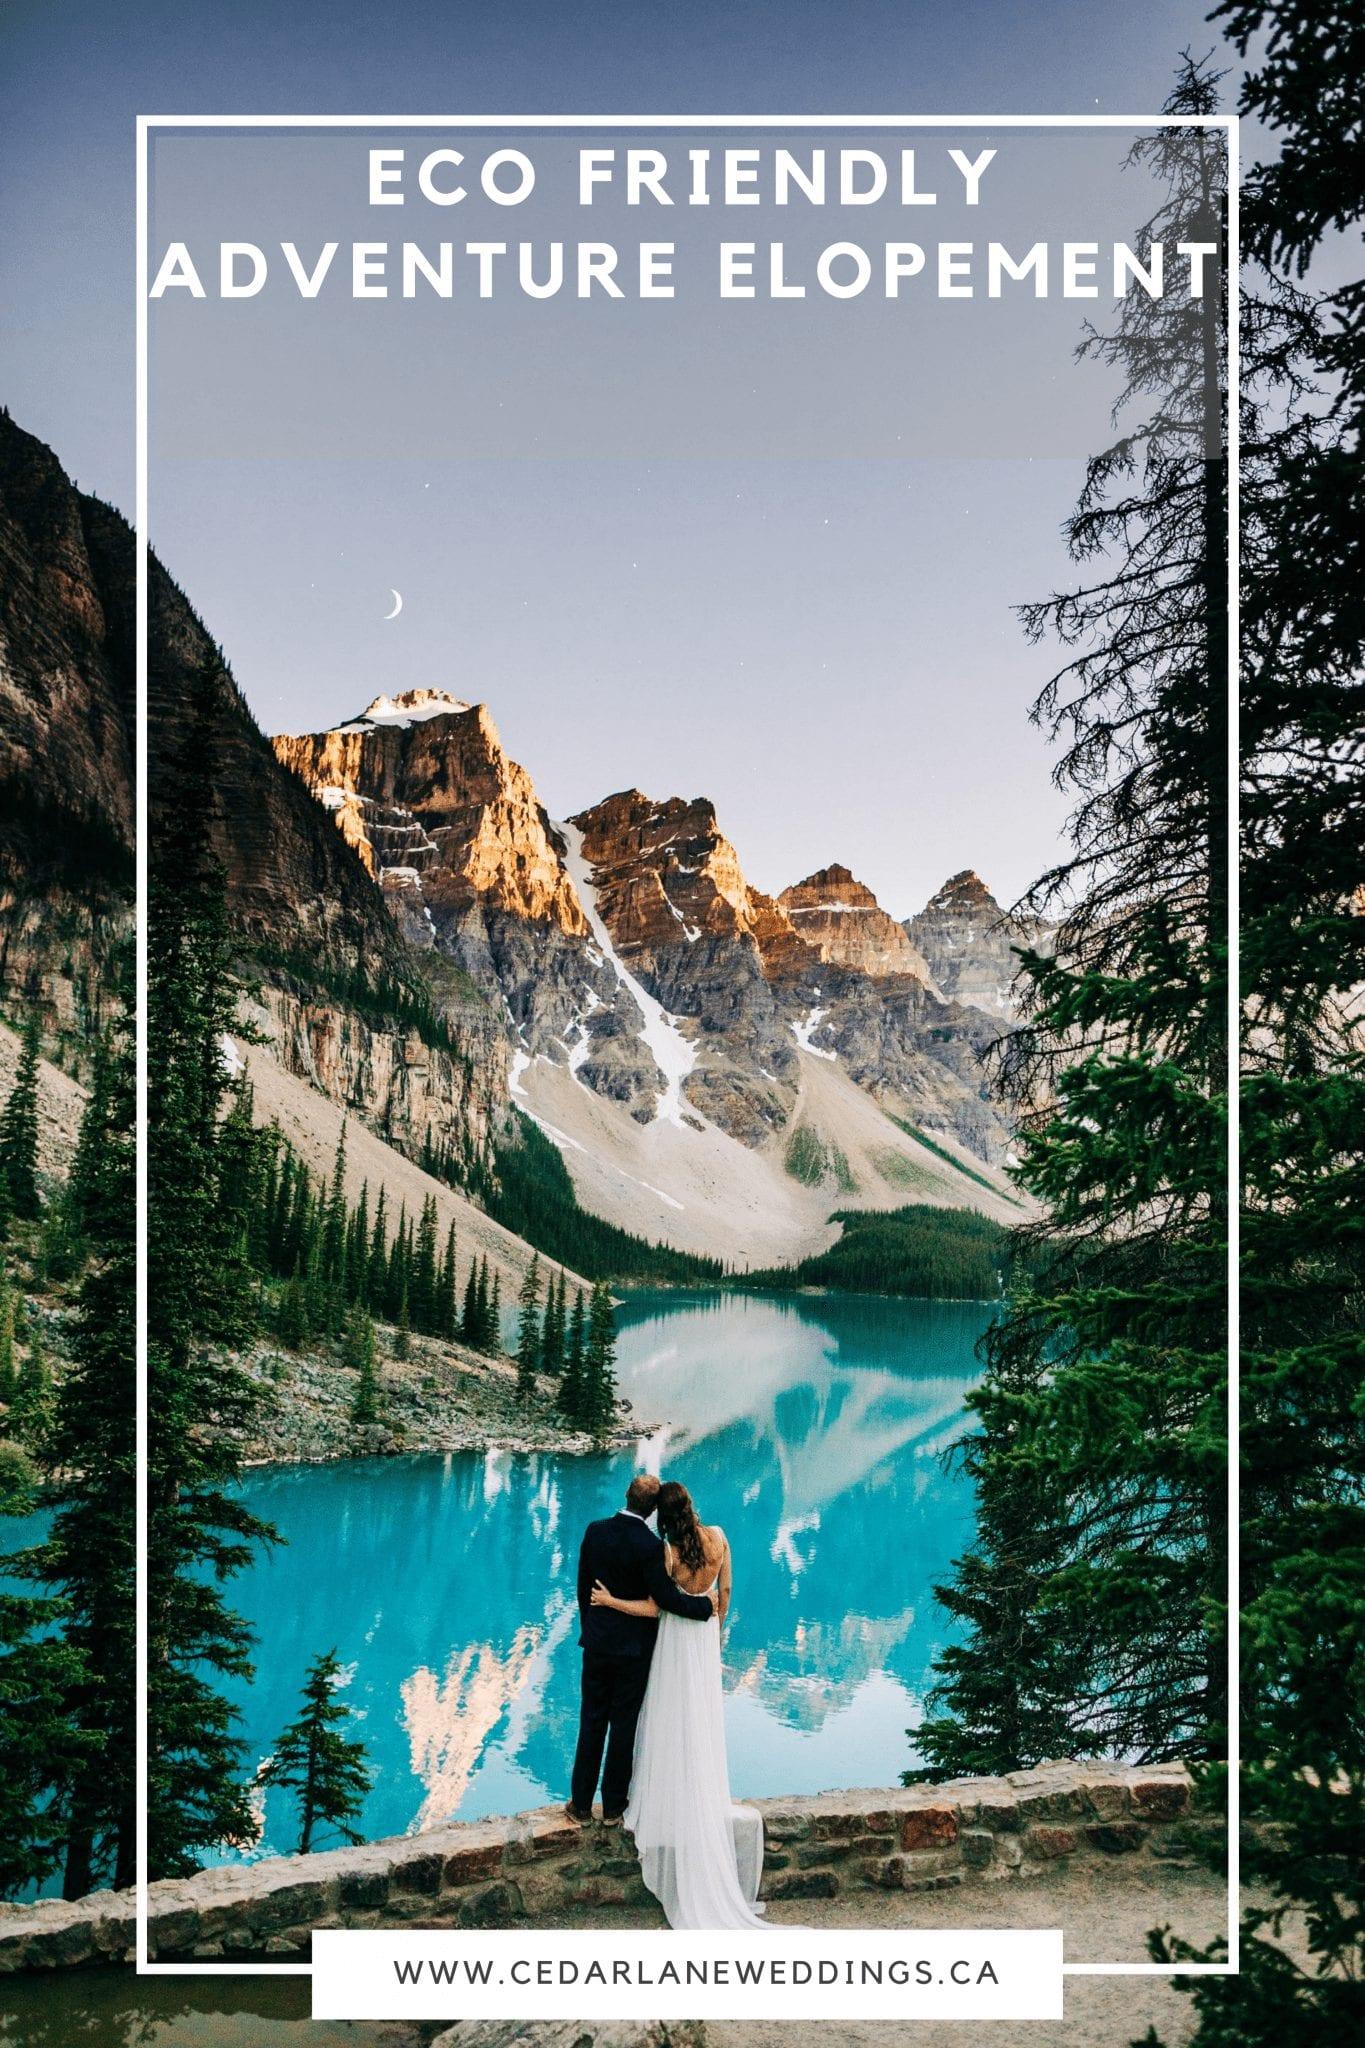 Lake Louise Elopement | Eco Friendly Adventure Elopement